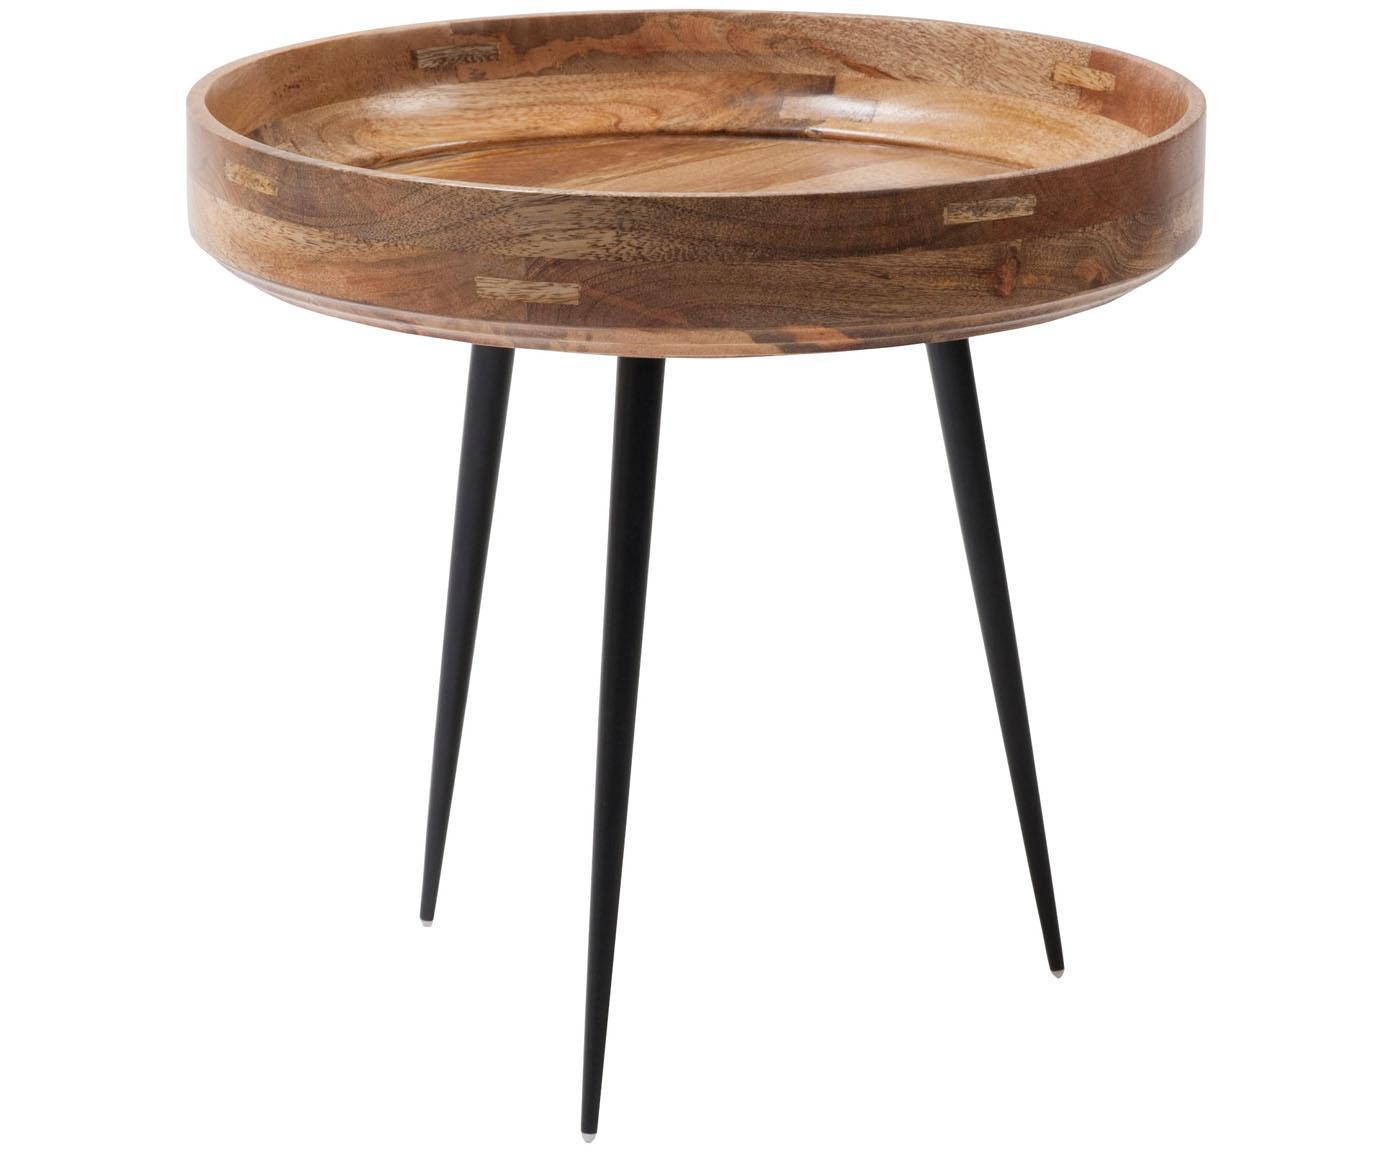 Stolik pomocniczy z drewna mangowego Bowl Table, Blat: drewno mangowe, lakierowa, Nogi: stal, malowane proszkowo, Drewno mangowe, czarny, Ø 40 x 38 cm